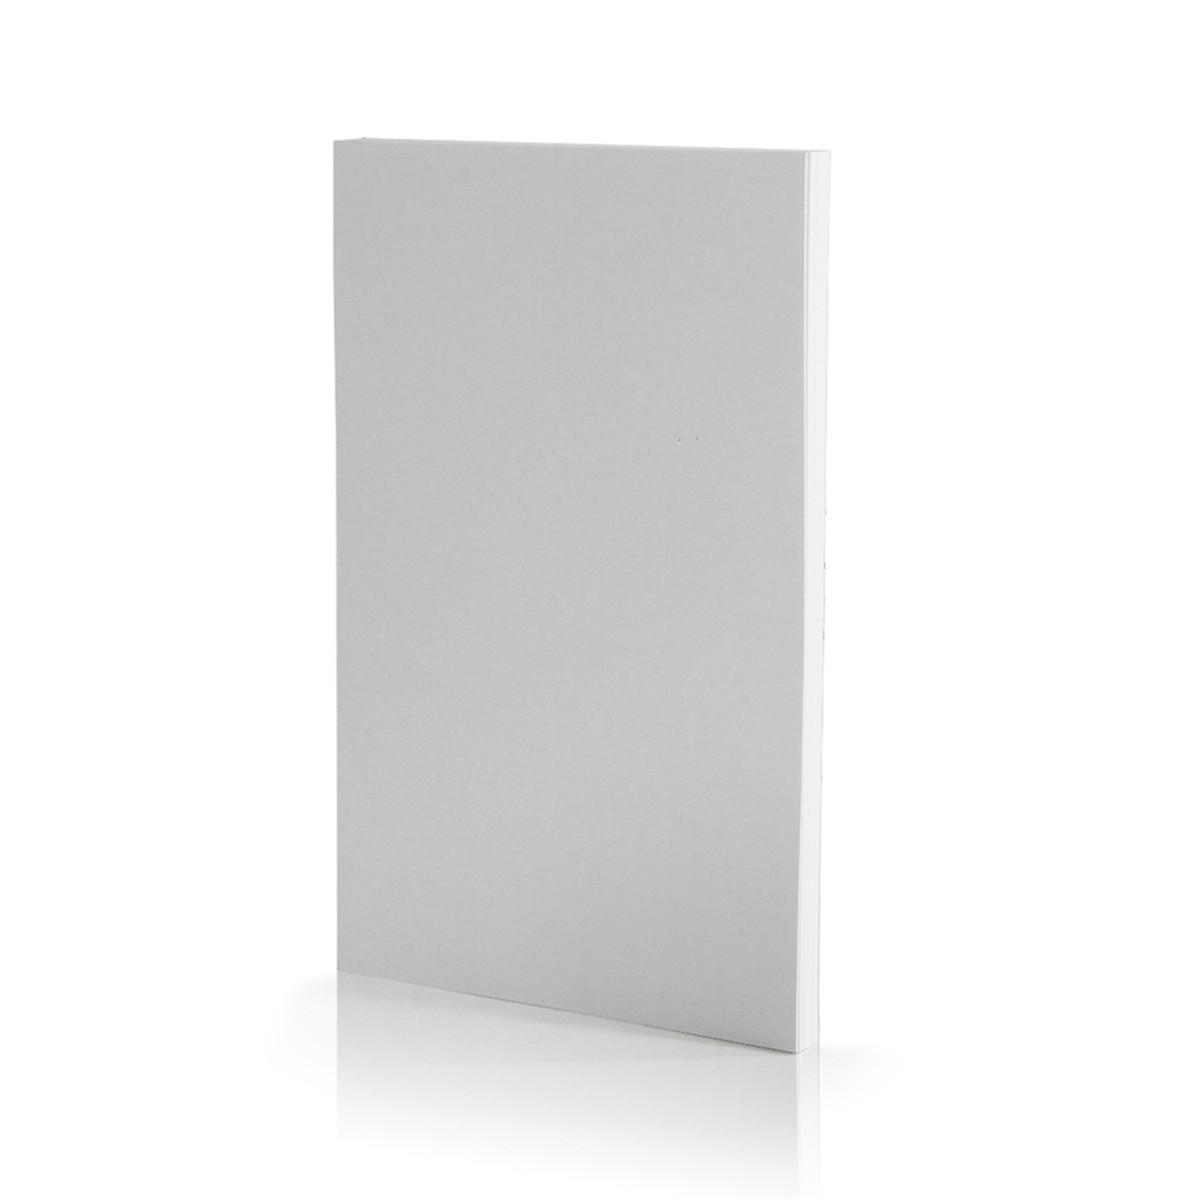 Papel Fotográfico Glossy Brilhante | 265g tamanho 10x15cm | Pacote com 20 folhas